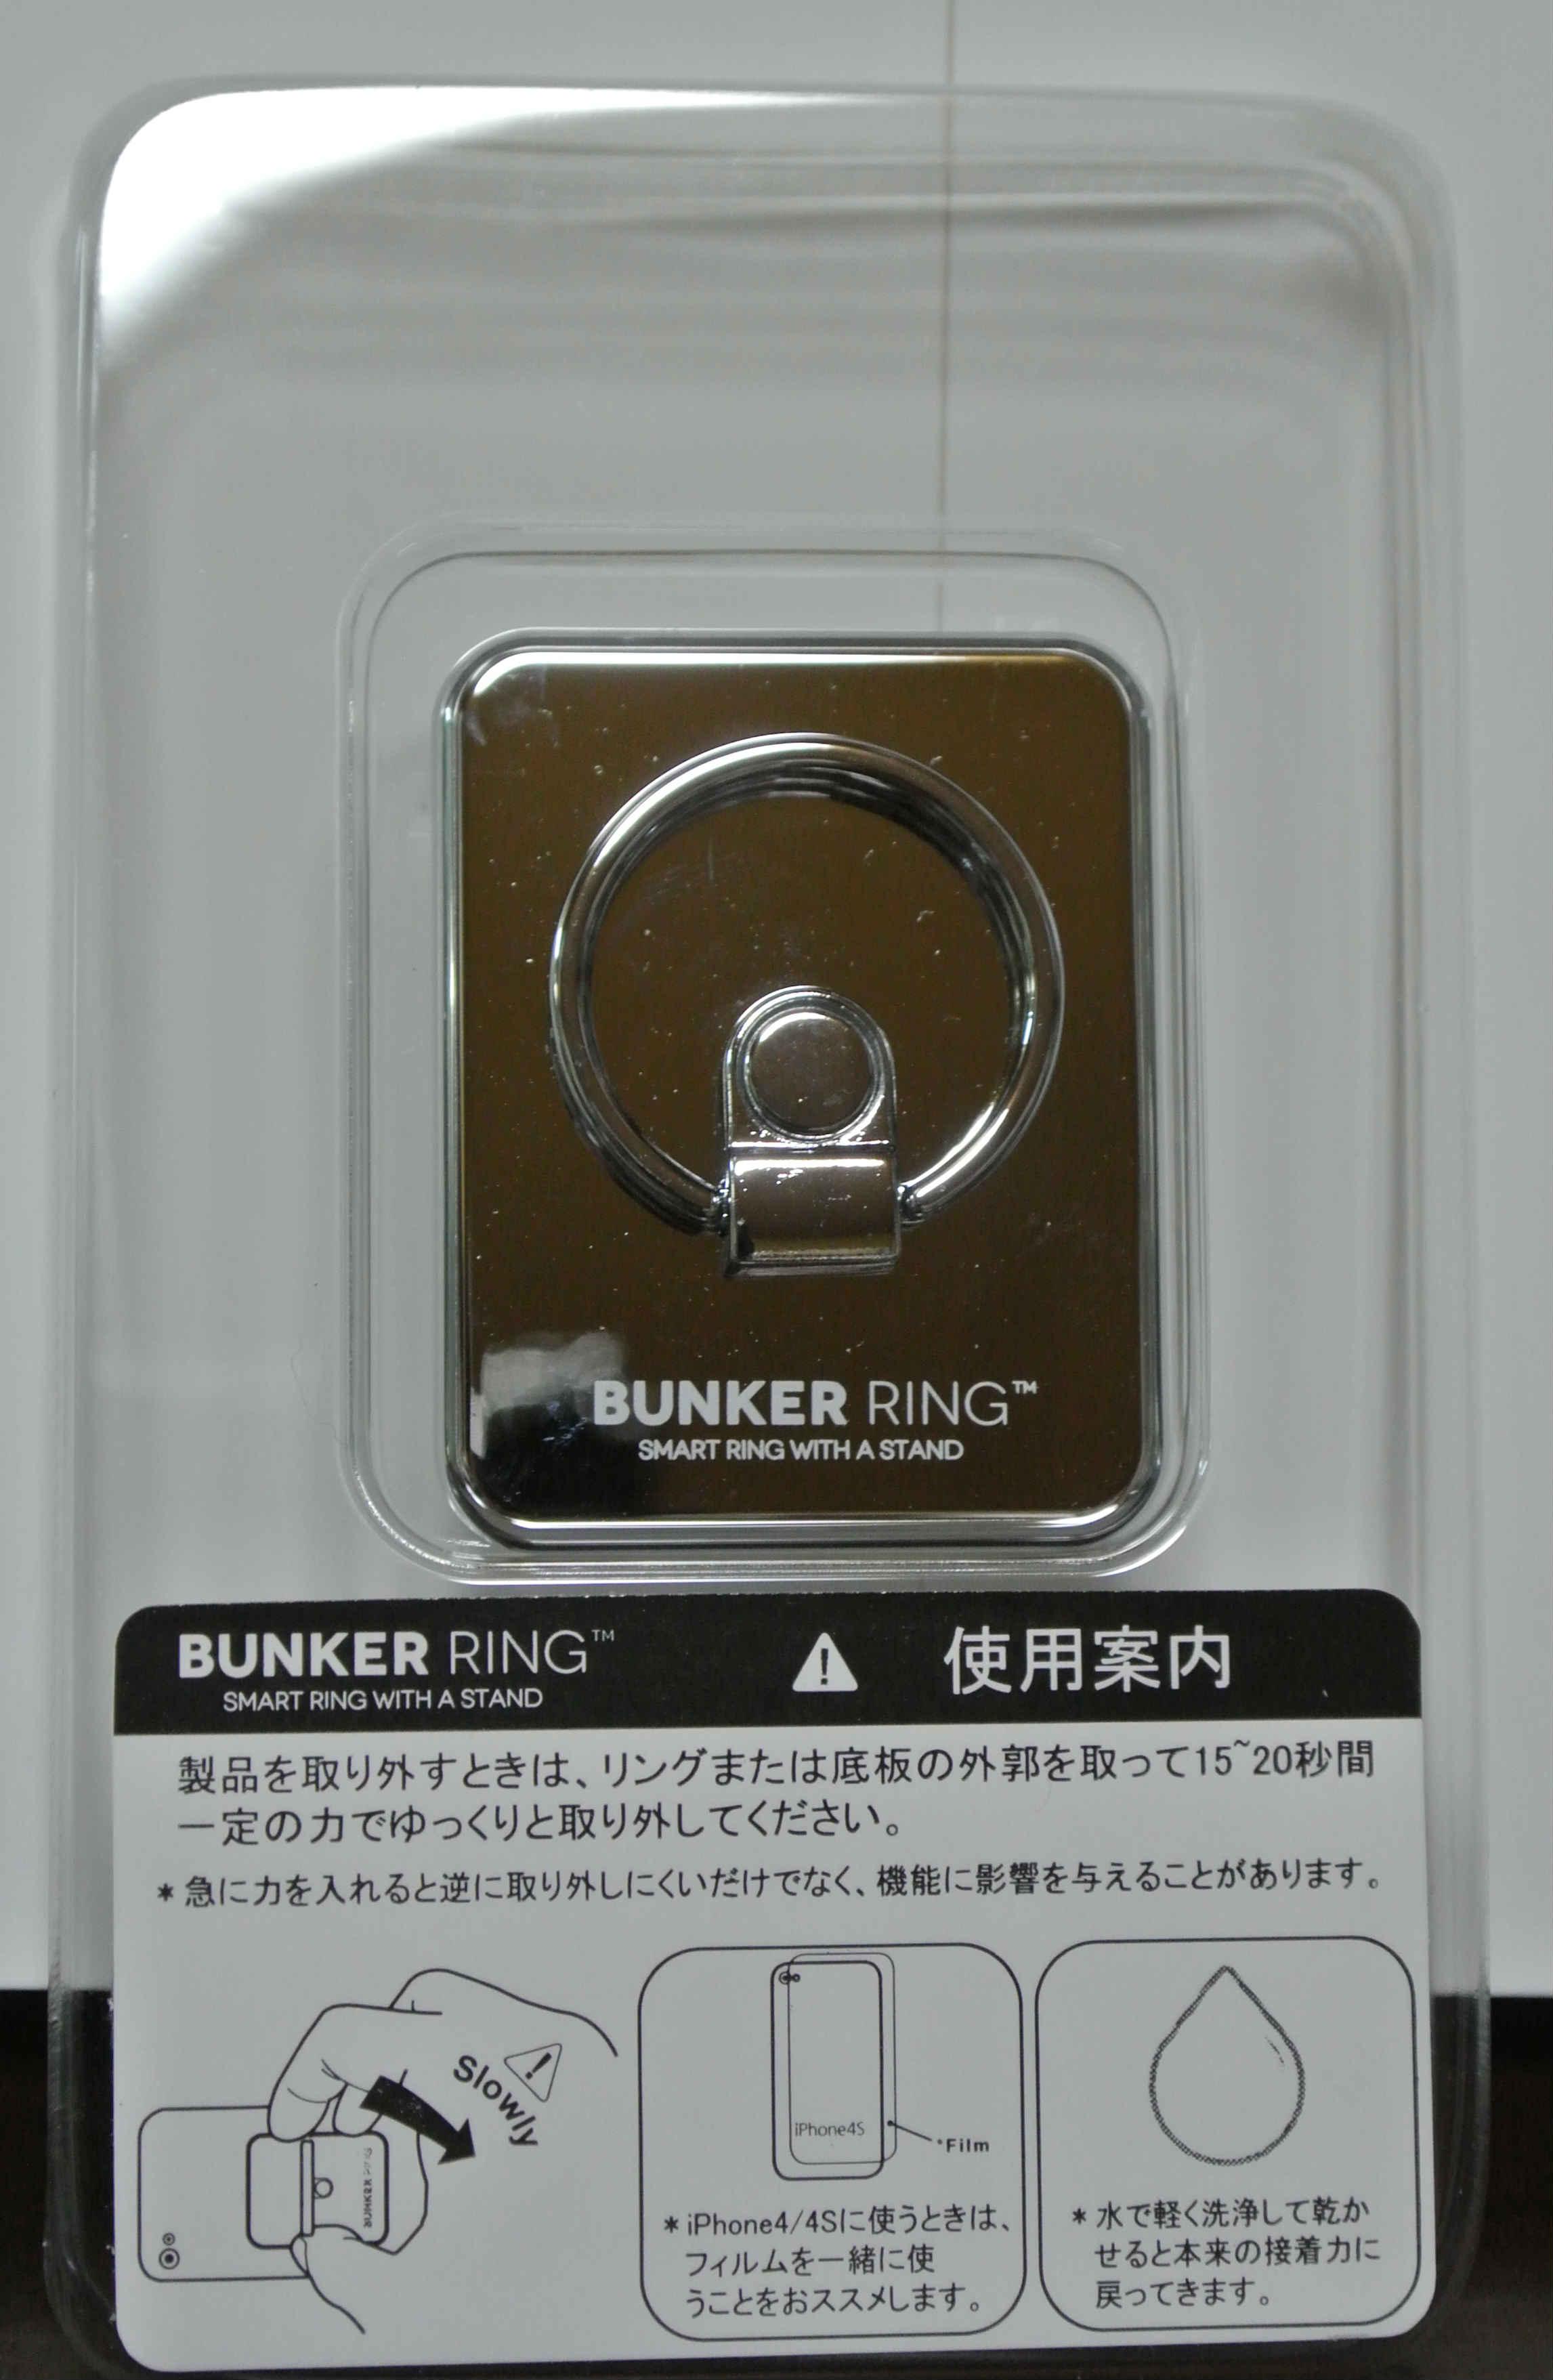 Bunker Ring 2